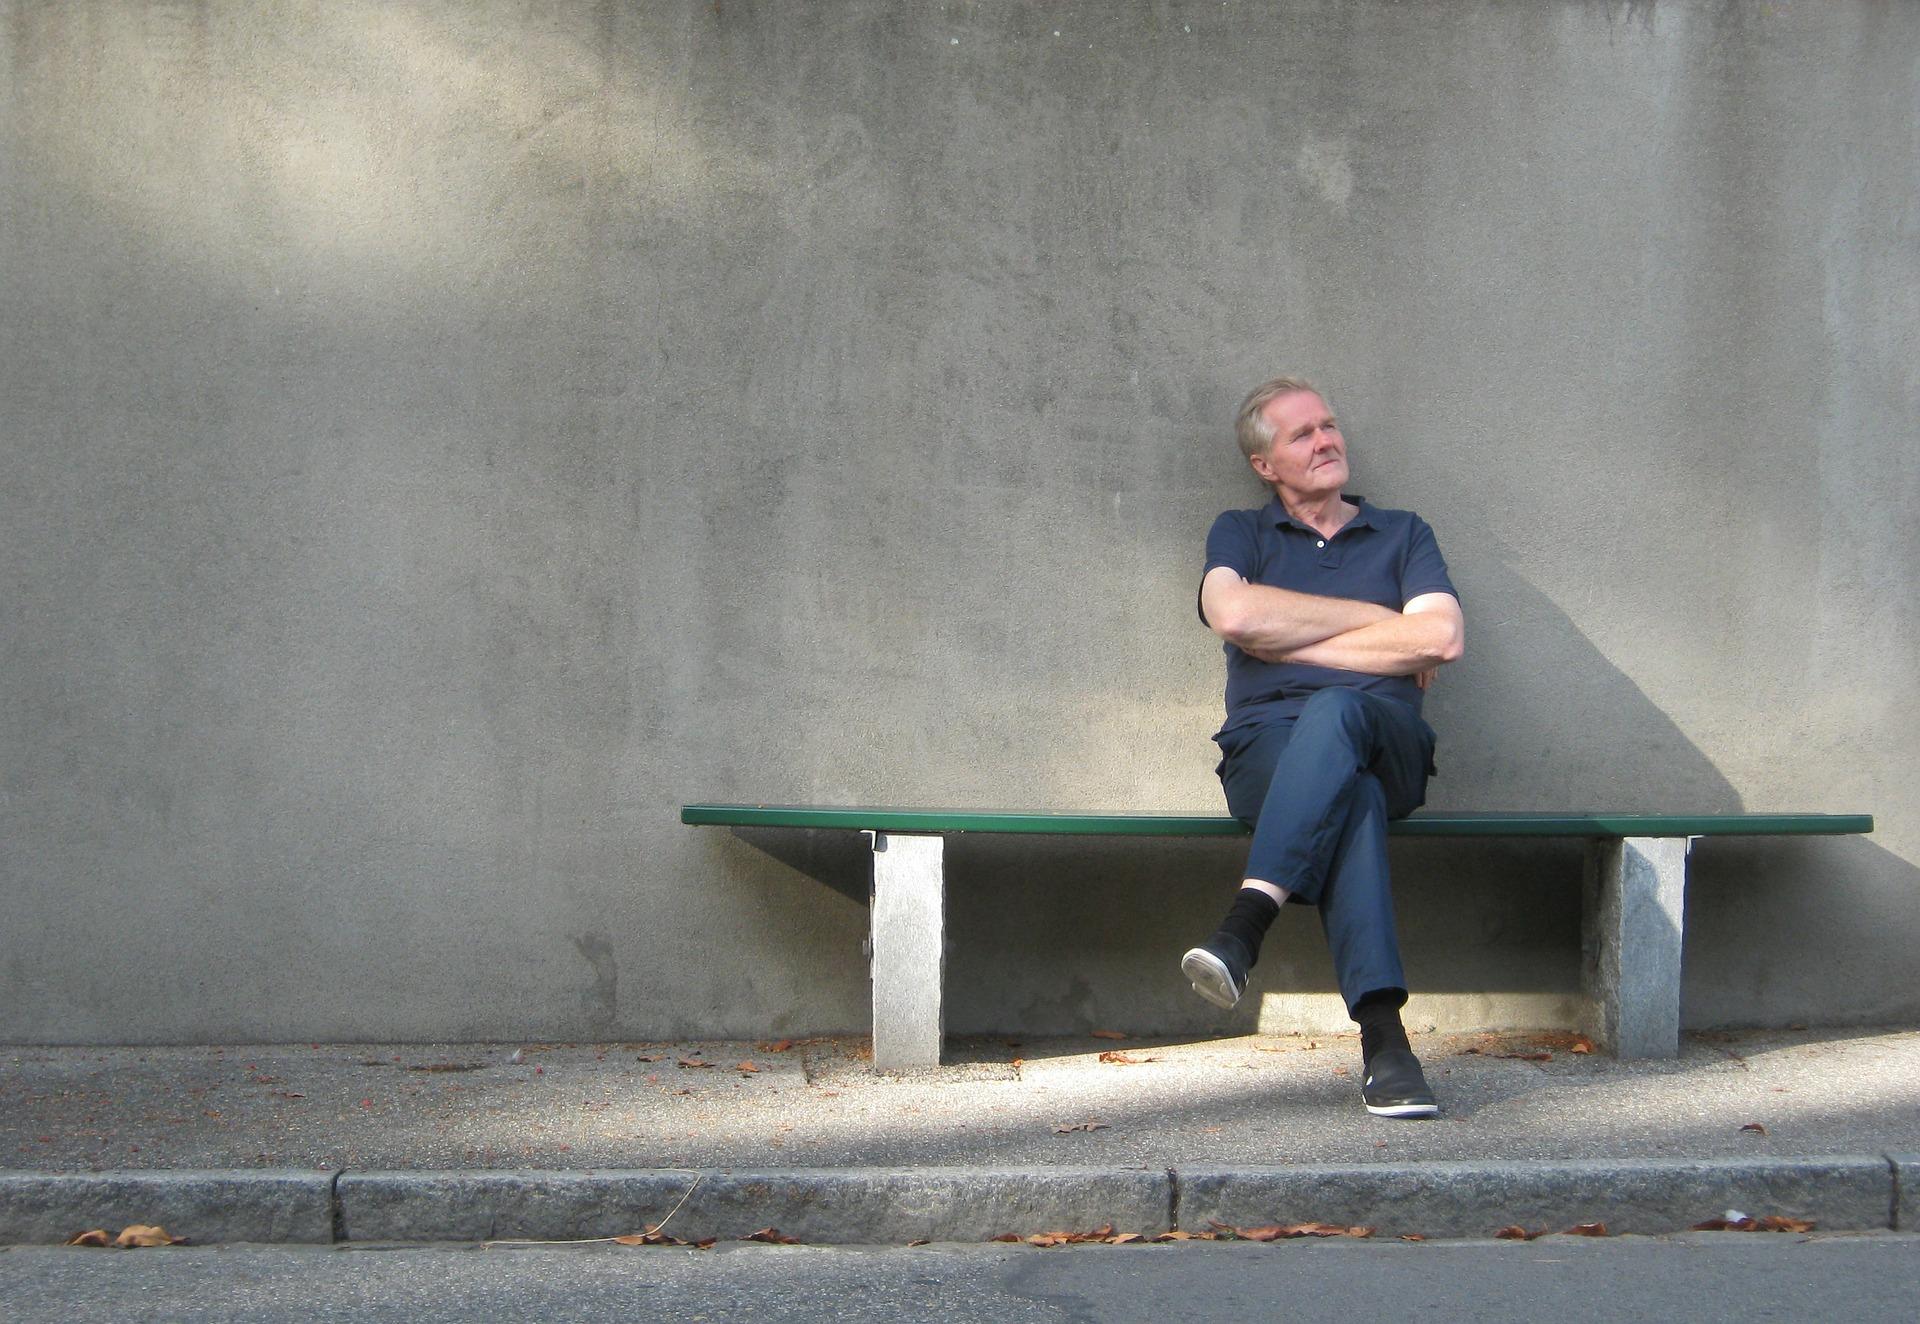 Ein Mann sitzt entspannt auf einer Bank und tut nichts.